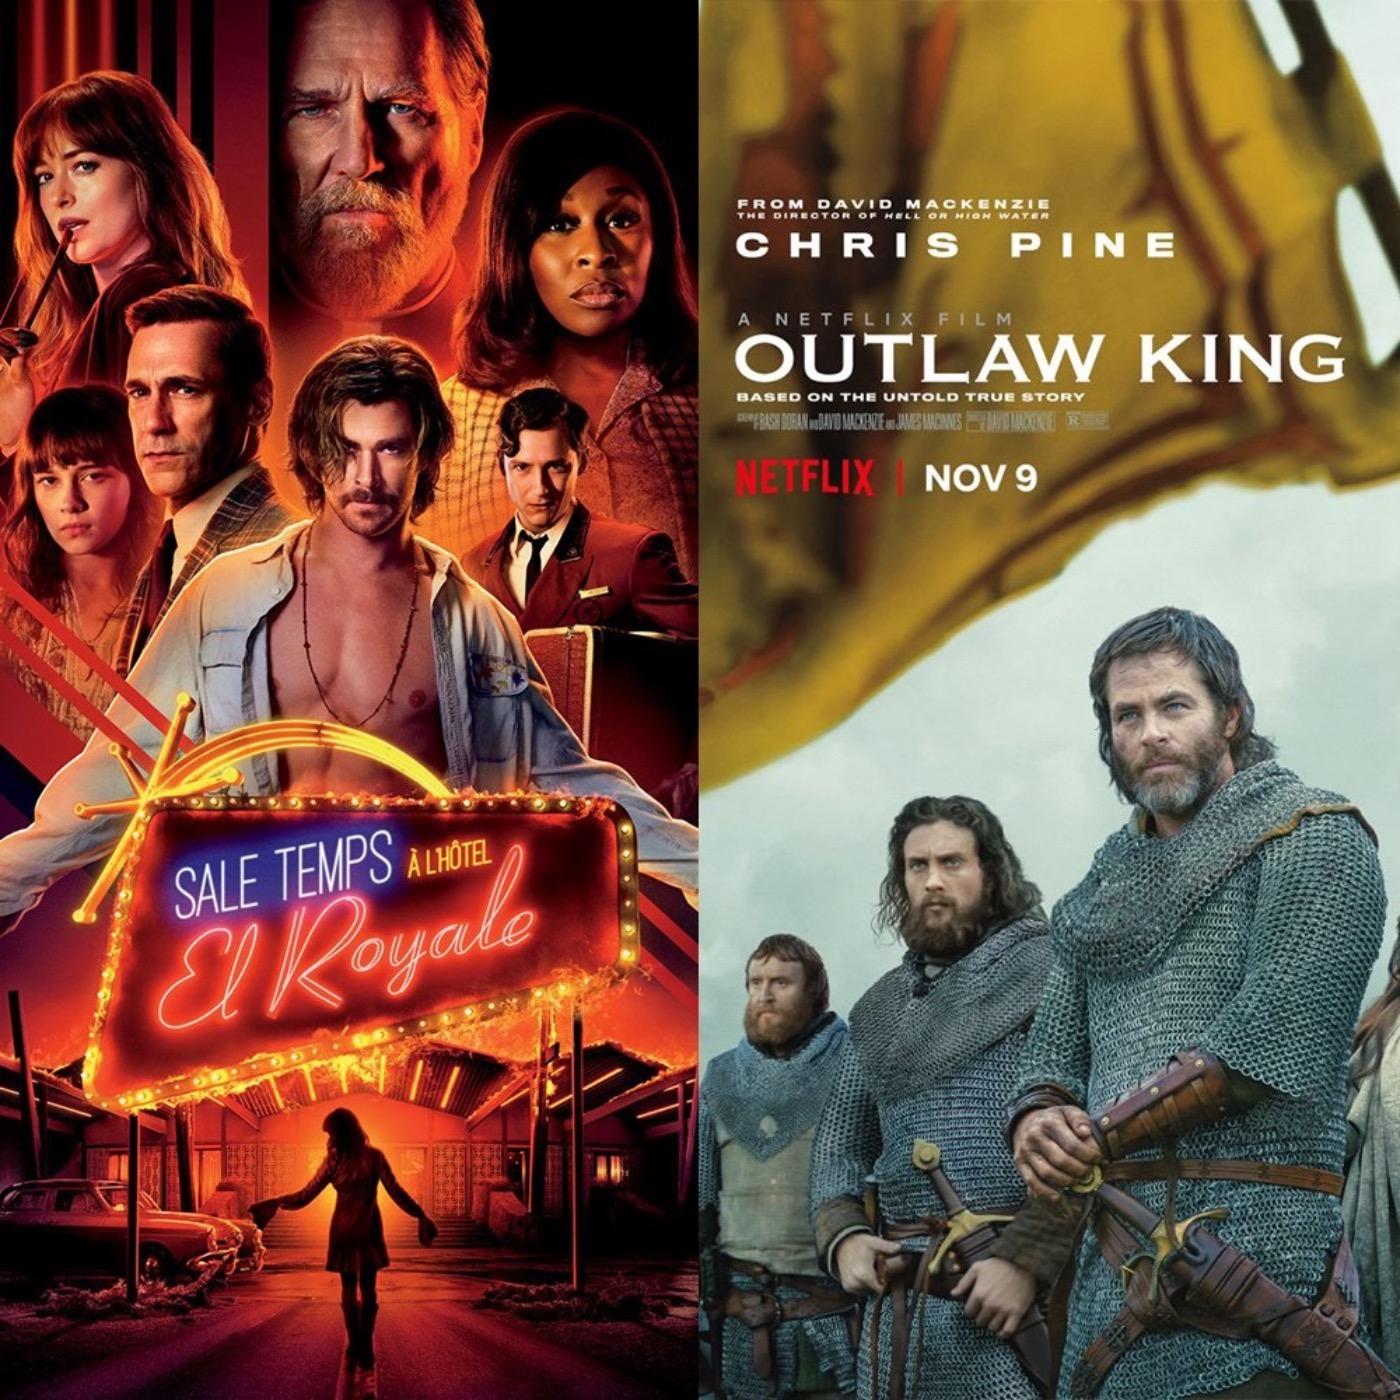 #21 SALE TEMPS À L'HÔTEL EL ROYALE et OUTLAW KING : Monar'chic ?